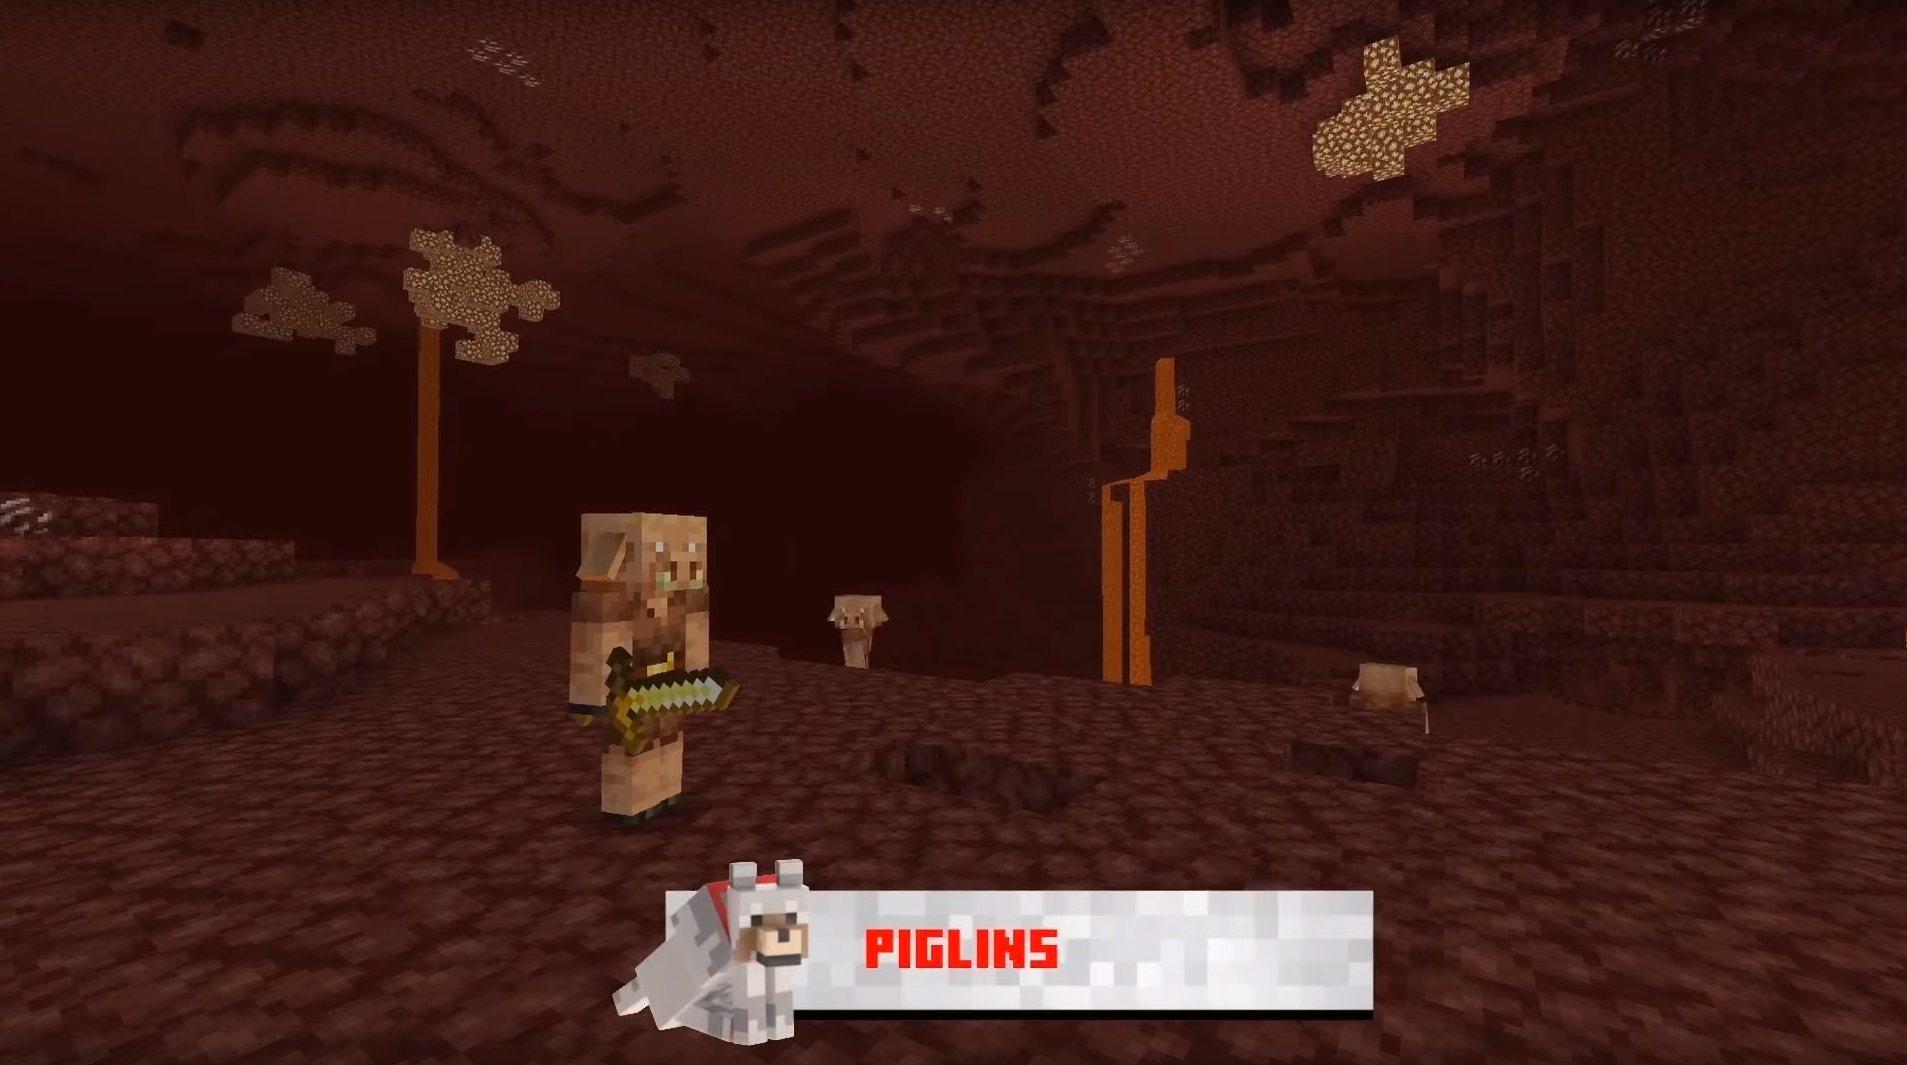 piglins minecraft 1.16